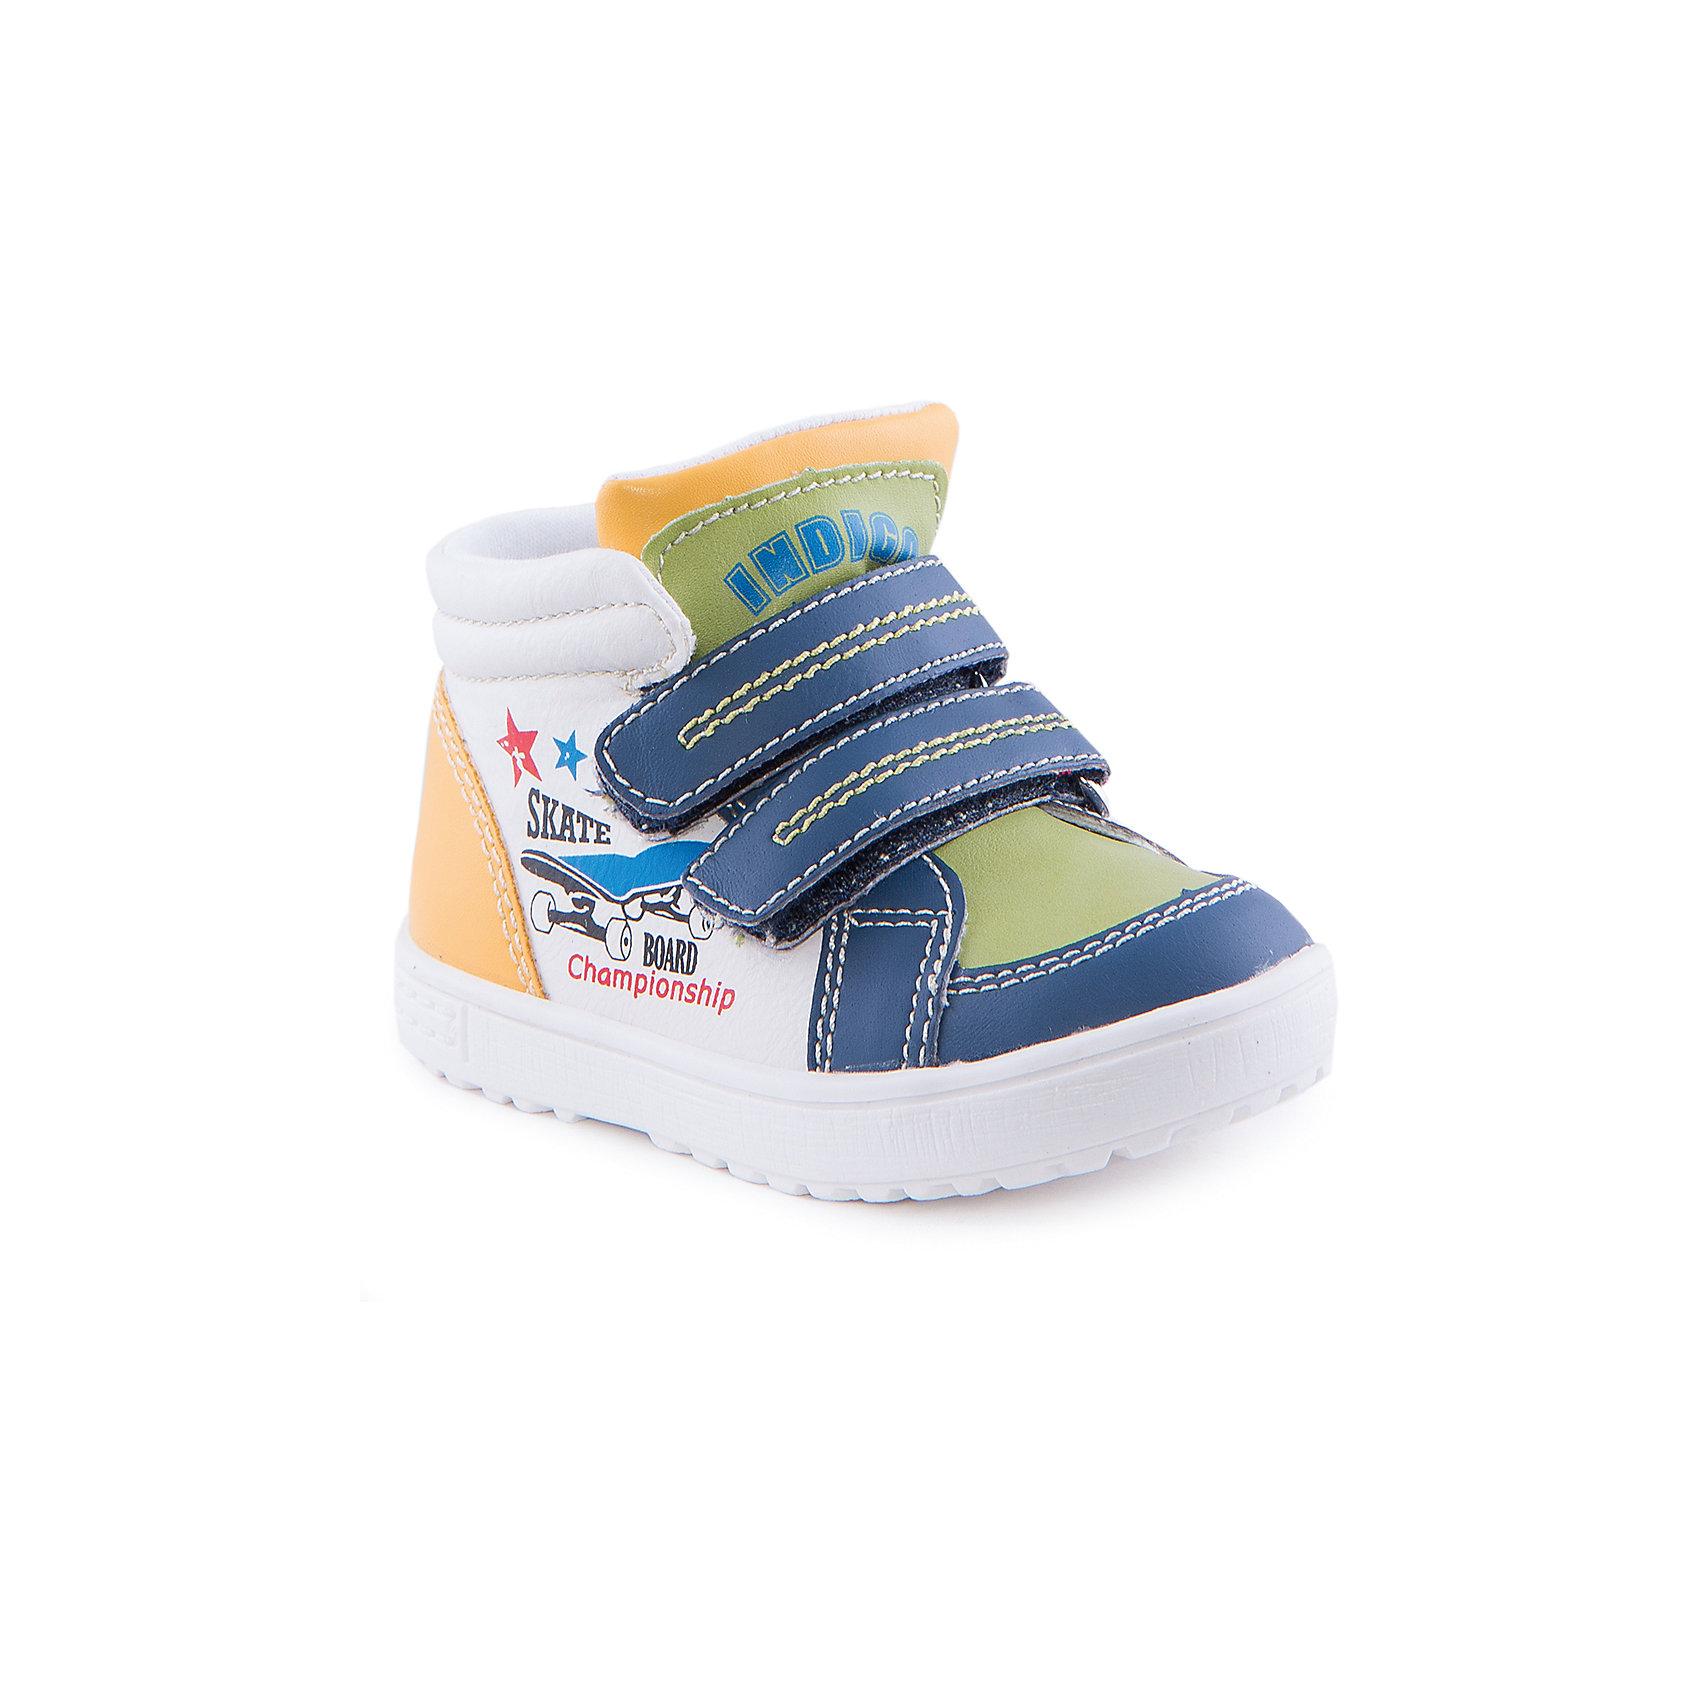 Ботинки для мальчика Indigo kidsБотинки<br>Ботинки для мальчика от известного бренда Indigo kids<br><br>Стильные и удобные ботинки отлично смотрятся на детских ножках. Очень оригинальная и модная модель создана специально для мальчиков. Ботинки легко надеваются благодаря застежкам и комфортно садятся по ноге. <br><br>Особенности модели:<br><br>- цвет - белый, синий, зеленый;<br>- стильный дизайн;<br>- удобная колодка;<br>- текстильная подкладка;<br>- качественная прострочка;<br>- декорированы принтом скейтборд;<br>- устойчивая белая подошва;<br>- застежки: липучки.<br><br>Дополнительная информация:<br><br>Температурный режим:<br>от +5° С до +15° С<br><br>Состав:<br><br>верх – искусственная кожа;<br>подкладка - текстиль;<br>подошва - ТЭП.<br><br>Ботинки для мальчика Indigo kids (Индиго Кидс) можно купить в нашем магазине.<br><br>Ширина мм: 262<br>Глубина мм: 176<br>Высота мм: 97<br>Вес г: 427<br>Цвет: белый<br>Возраст от месяцев: 15<br>Возраст до месяцев: 18<br>Пол: Мужской<br>Возраст: Детский<br>Размер: 24,21,22,23,26,25<br>SKU: 4520062